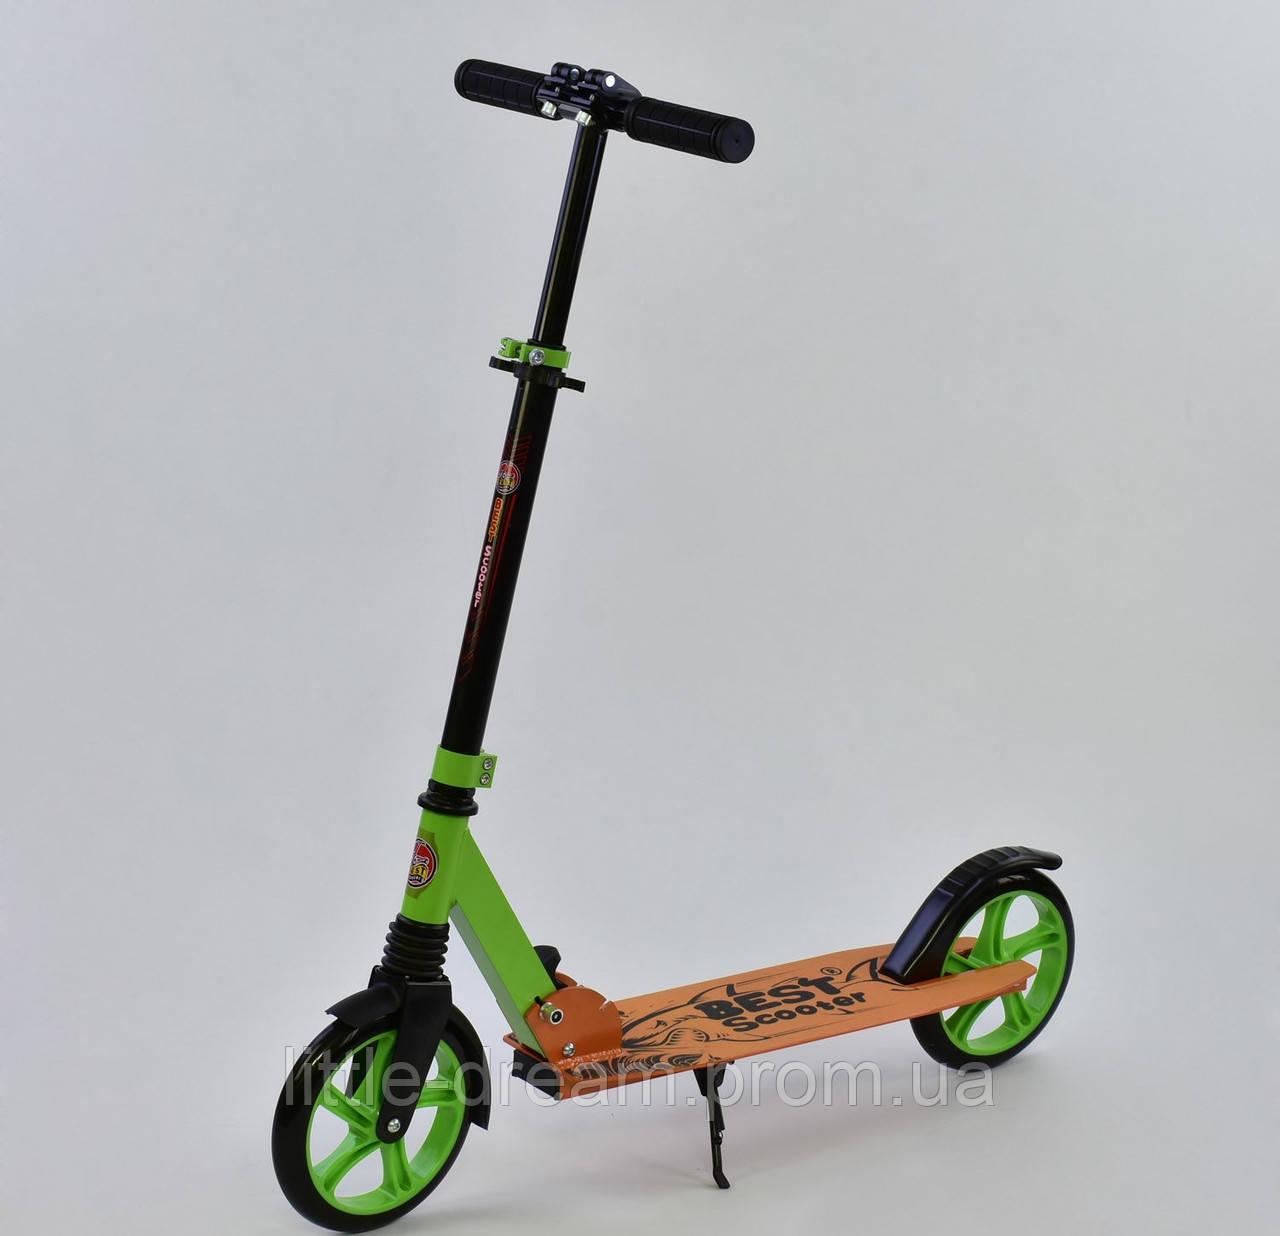 """Самокат двухколесный """"SHARK"""" 00069 Оранжевый, зажим руля, колеса PU - 20 см, 1 амортизатор"""